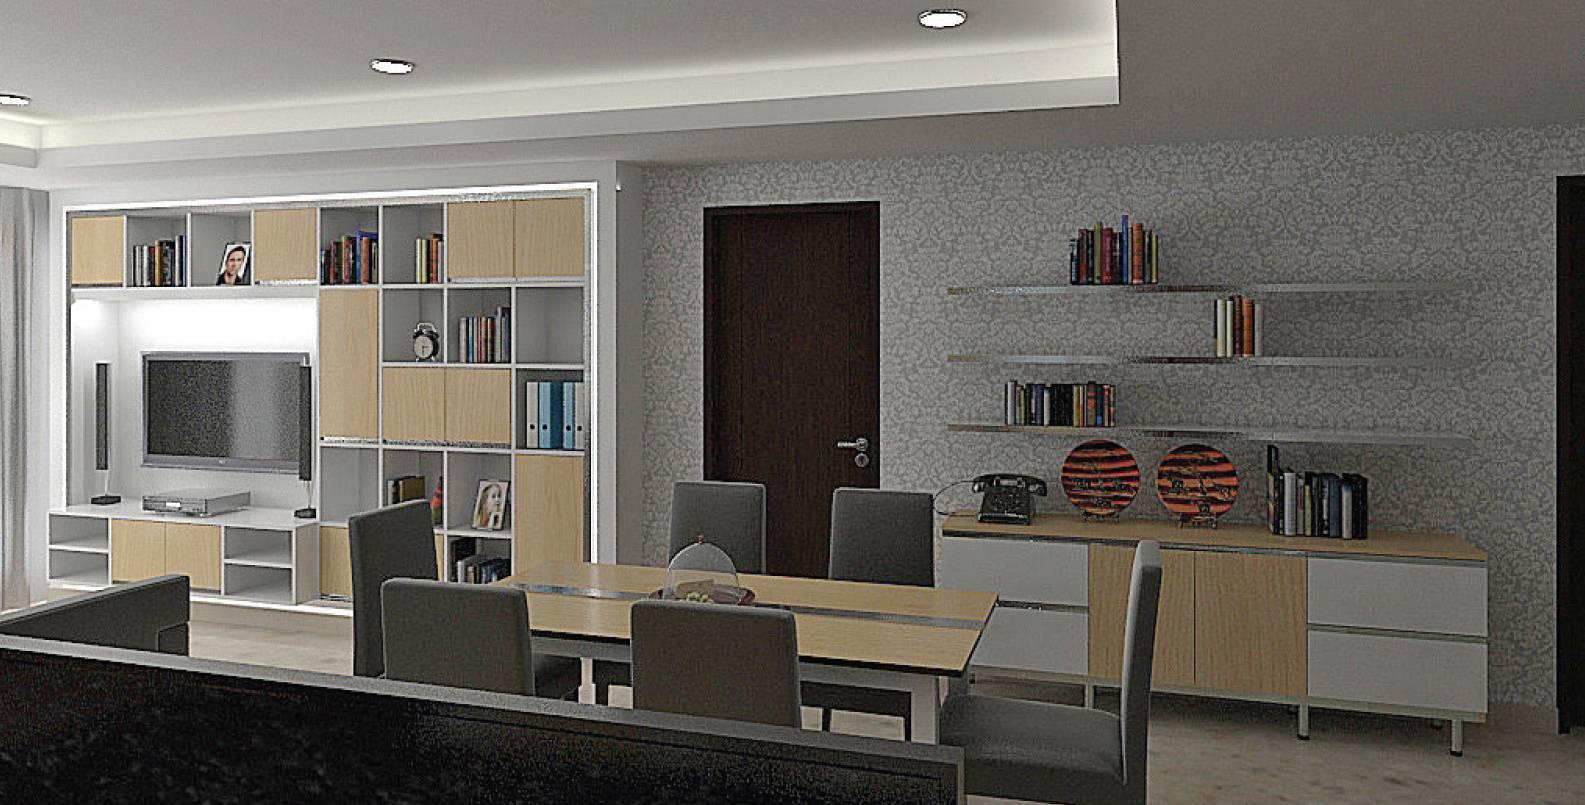 Photo Dining Room Residential Living Room 1 Desain Arsitek Oleh Independent Interior Design Build Arsitag